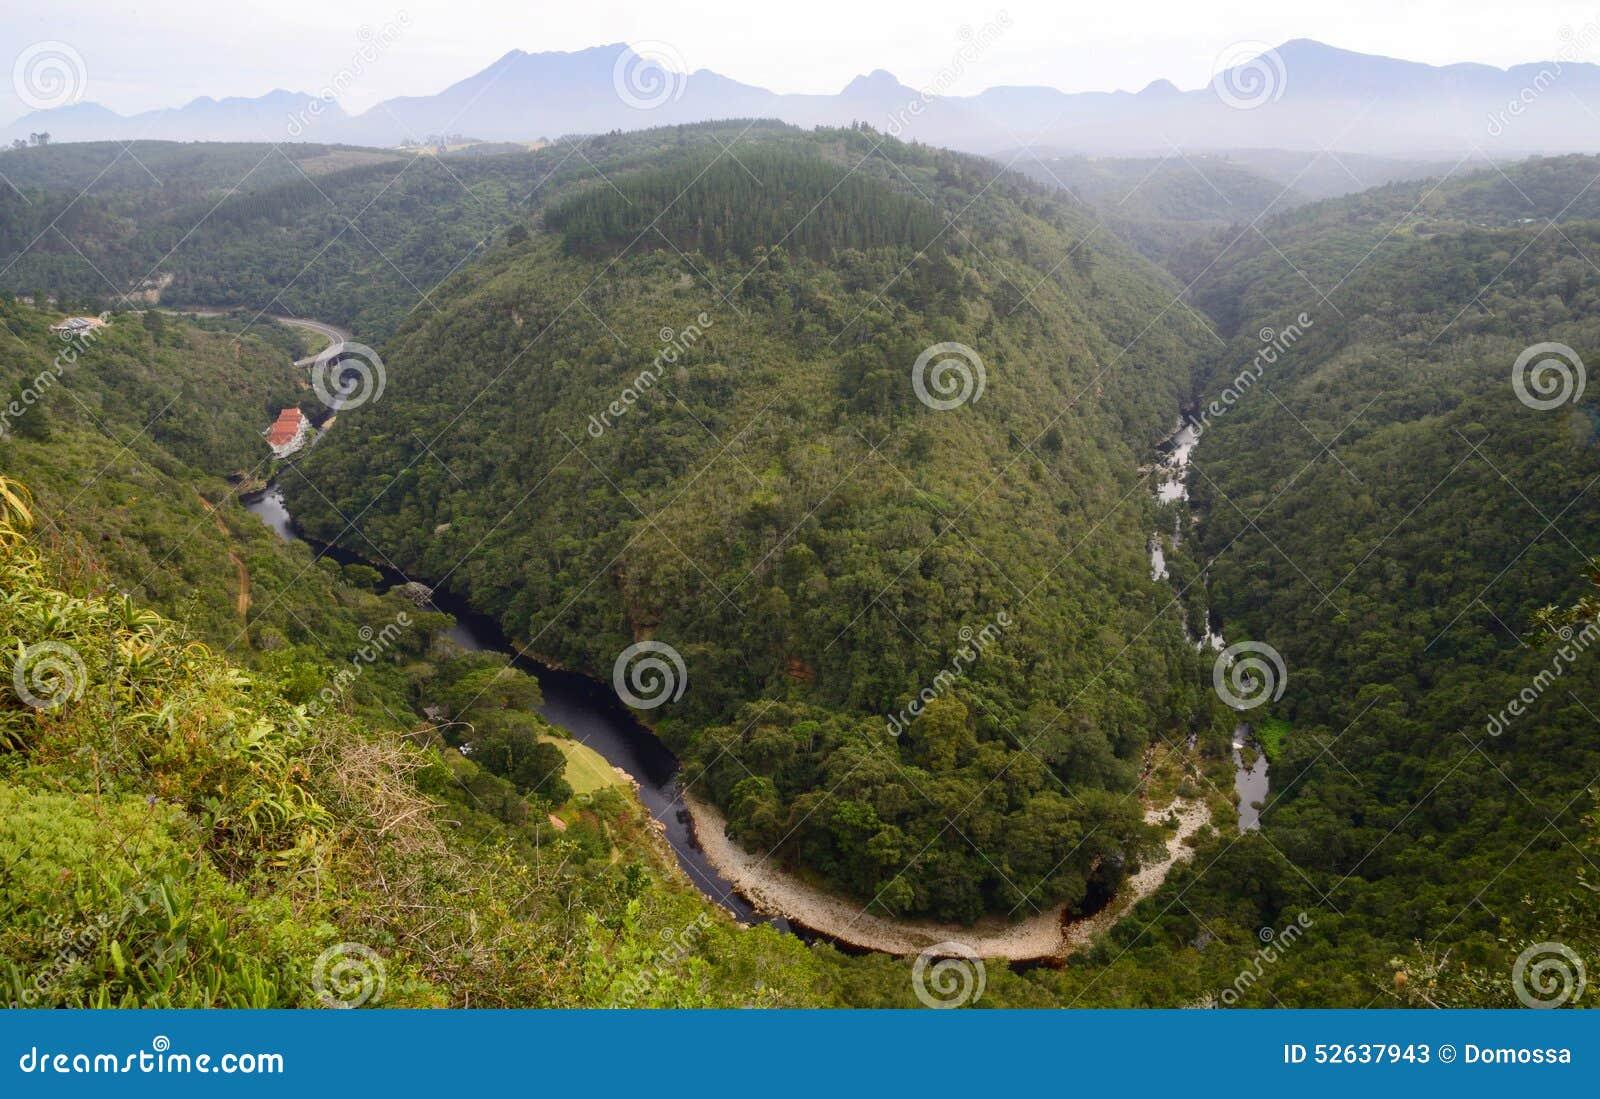 Carte de l Afrique , photo aérienne du Kaaimans River Valley, parc national de région sauvage